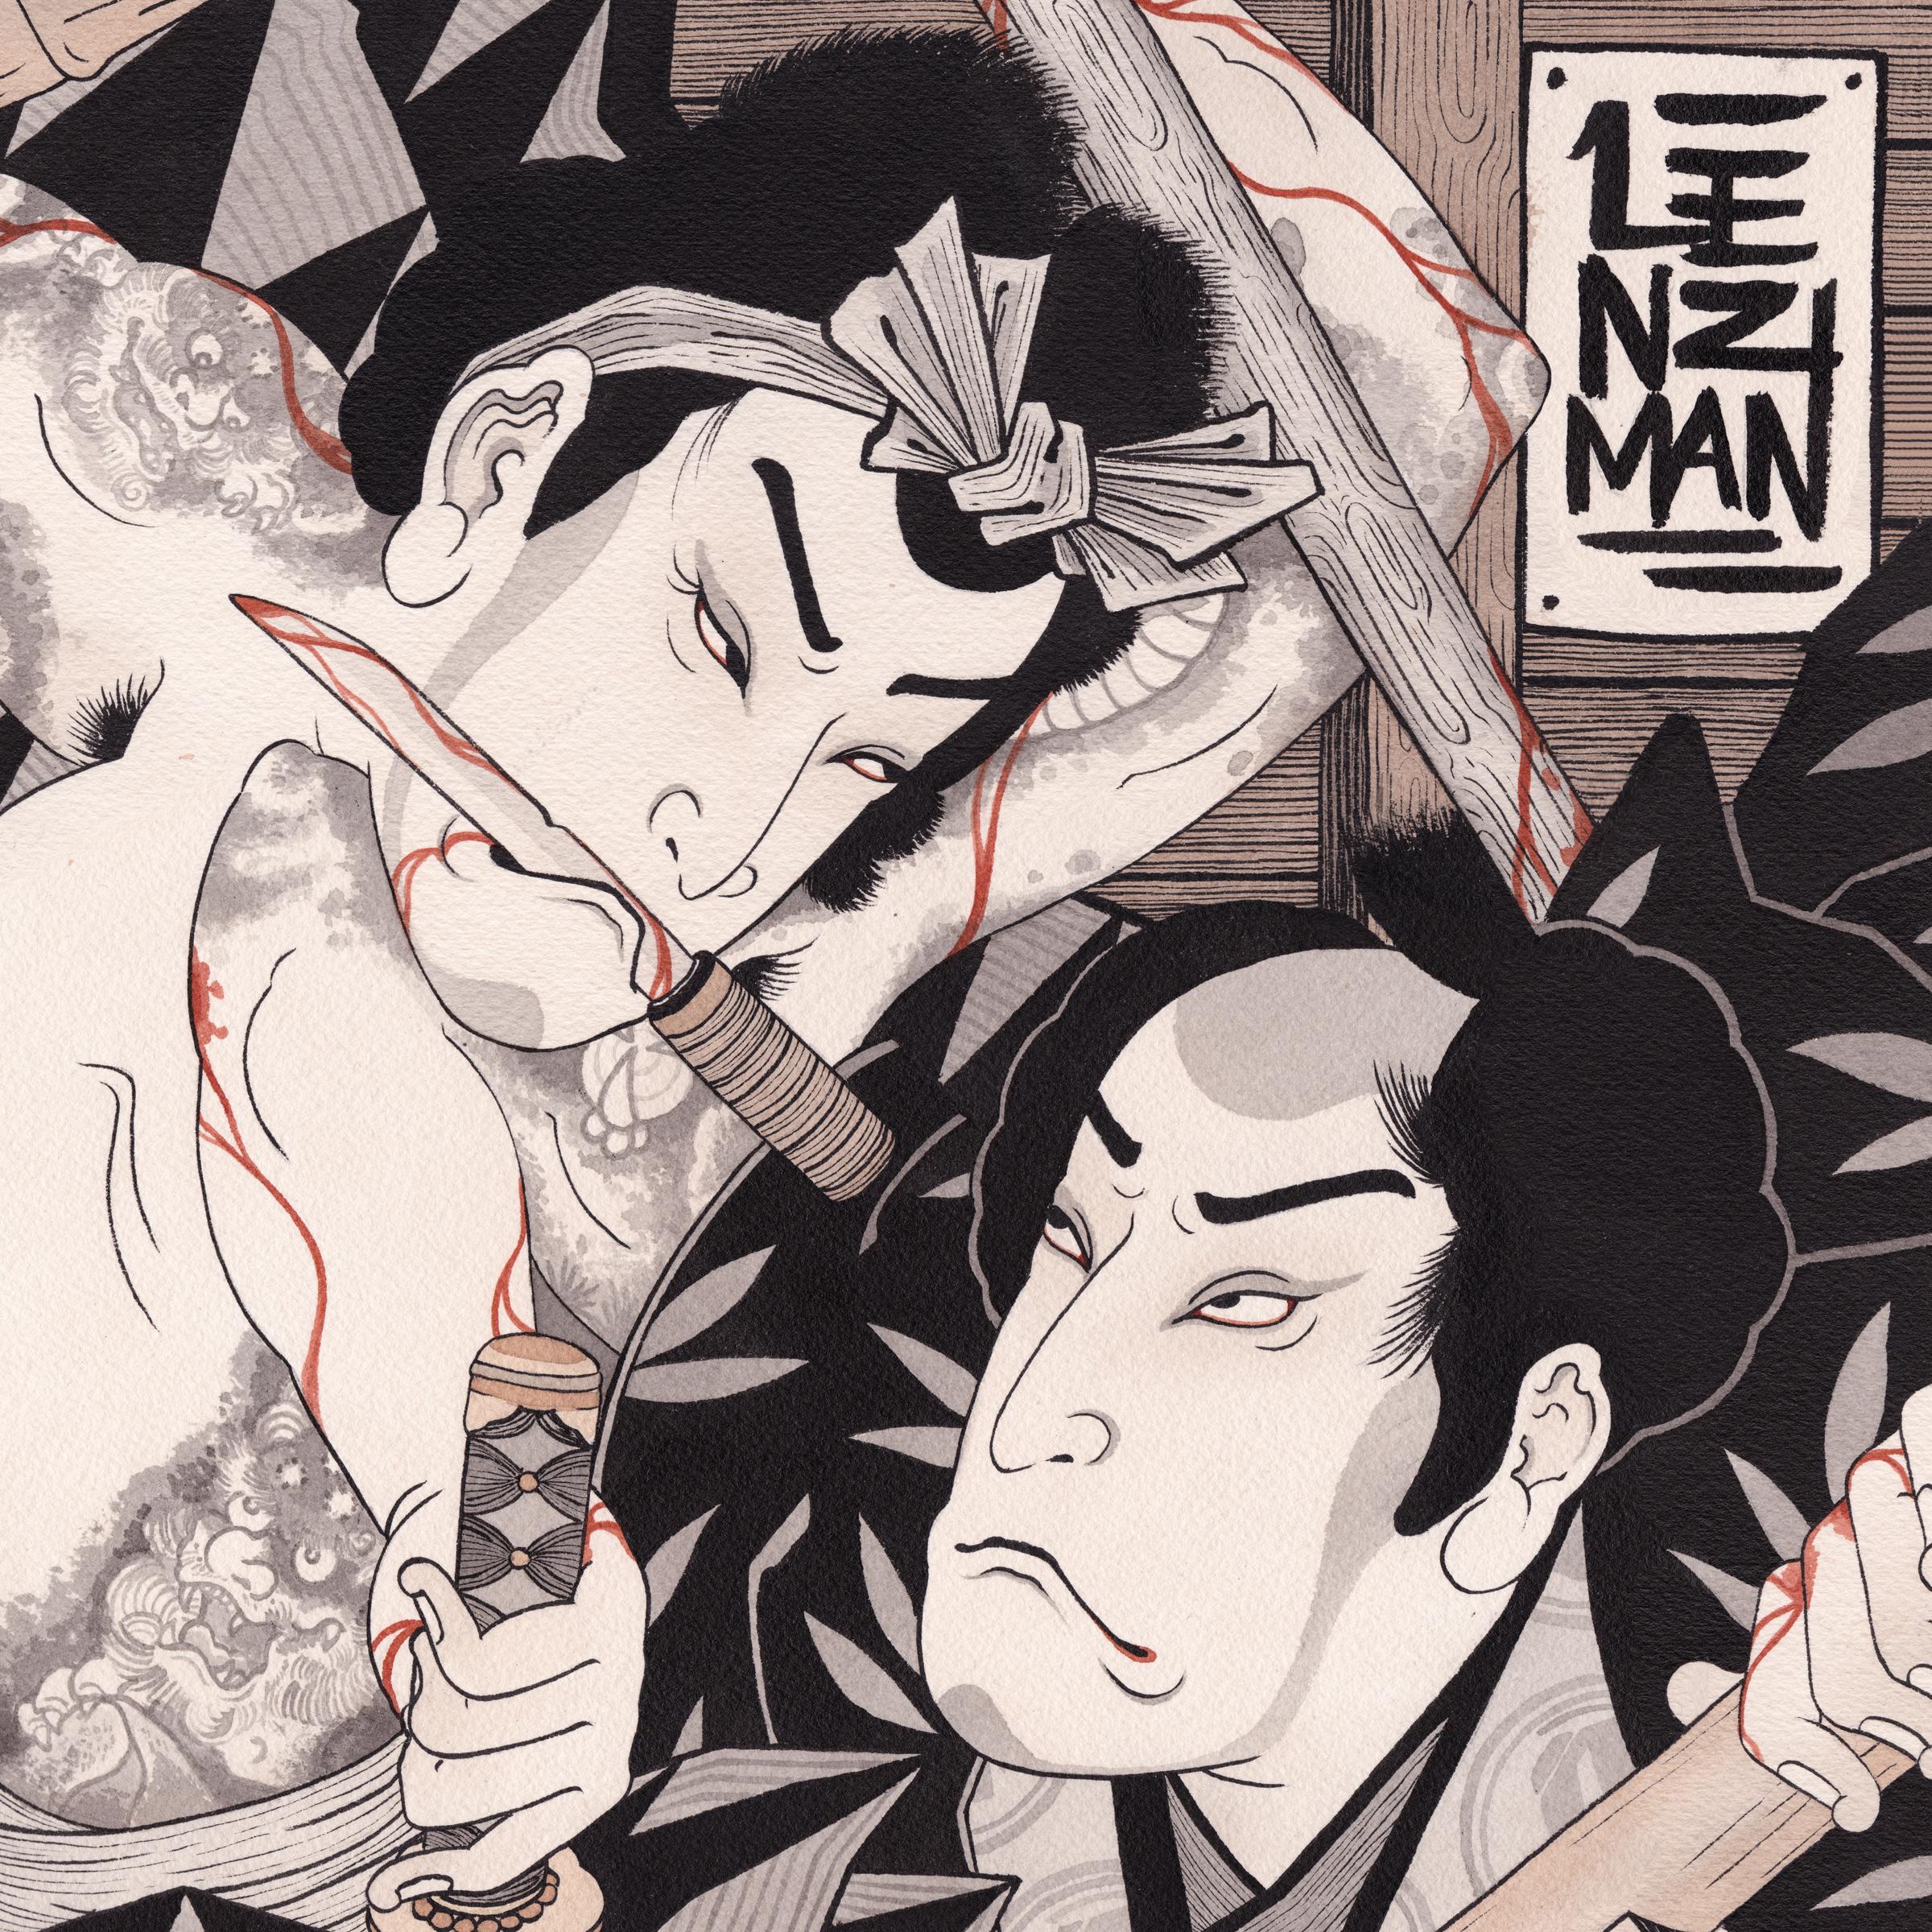 """Lenzman/GOLDEN AGE EP 12"""""""